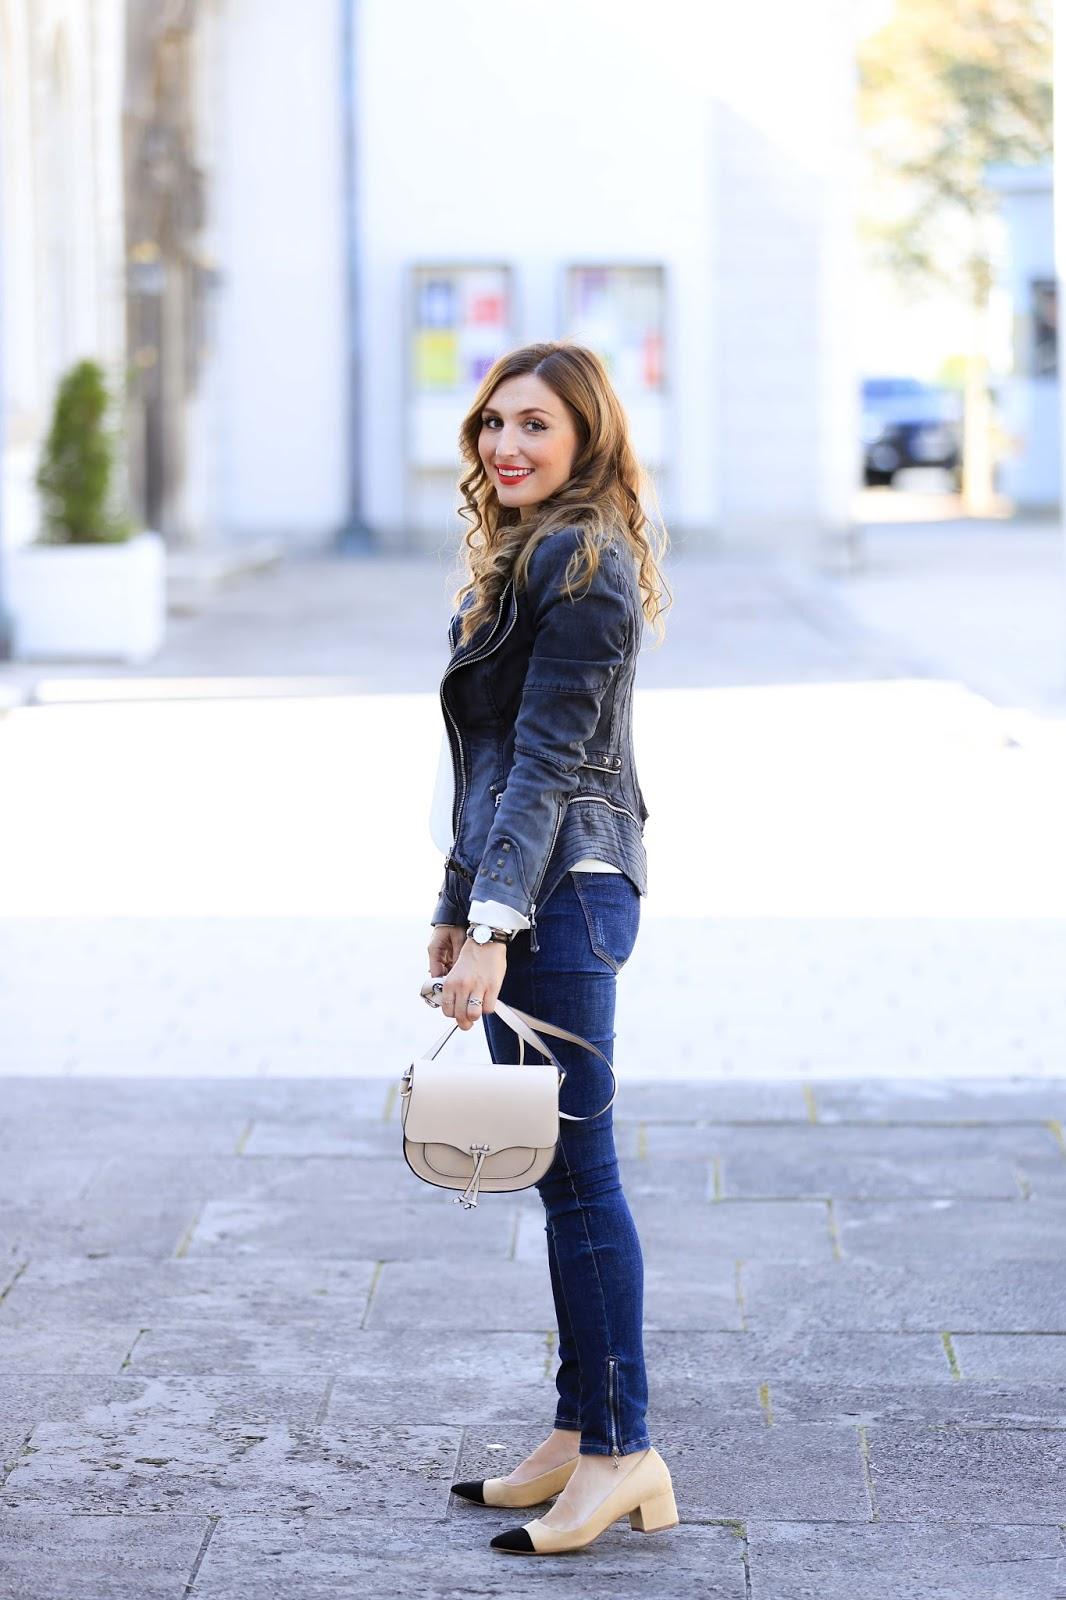 Fashionstylebyjohanna-aus-Frankfurt-Fashionblogger-das-schöne am-Bloggen-Klatsch-aus-der-Bloggerwelt-Schwarze Biker Jacke-Mantel-Zara-türkis-Winterjacke-Wintermante